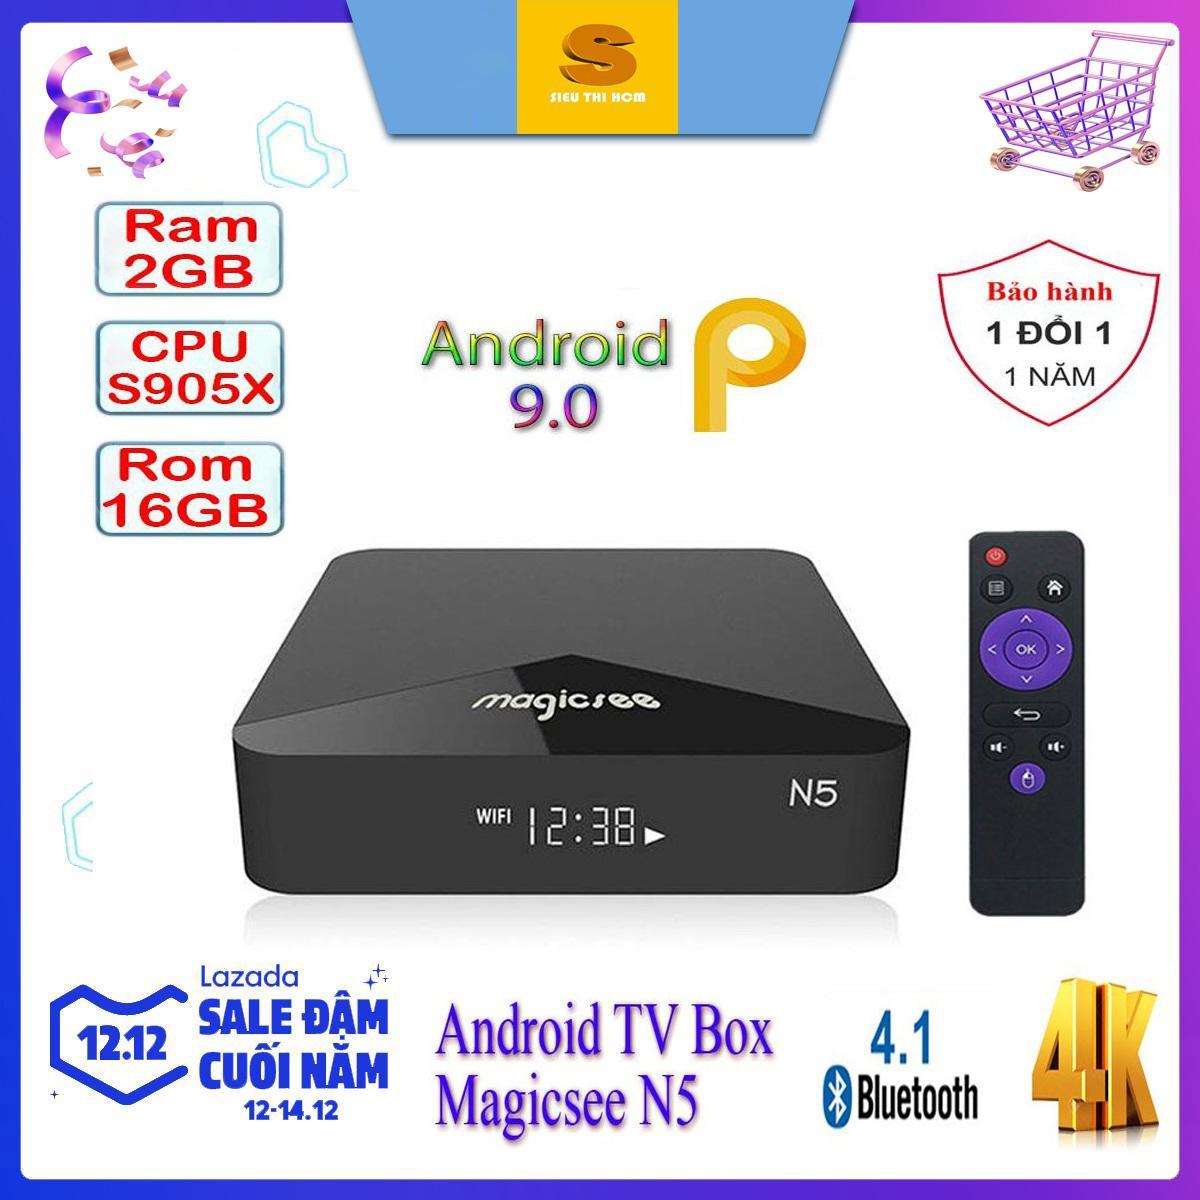 [Có Video] Android Tivi Box Magicsee N5 - Chip S905X Siêu Khủng - Android 9.0 - Ram 2GB - Rom 16GB - Xem Truyền Hình Miễn Phí Có Giá Tốt